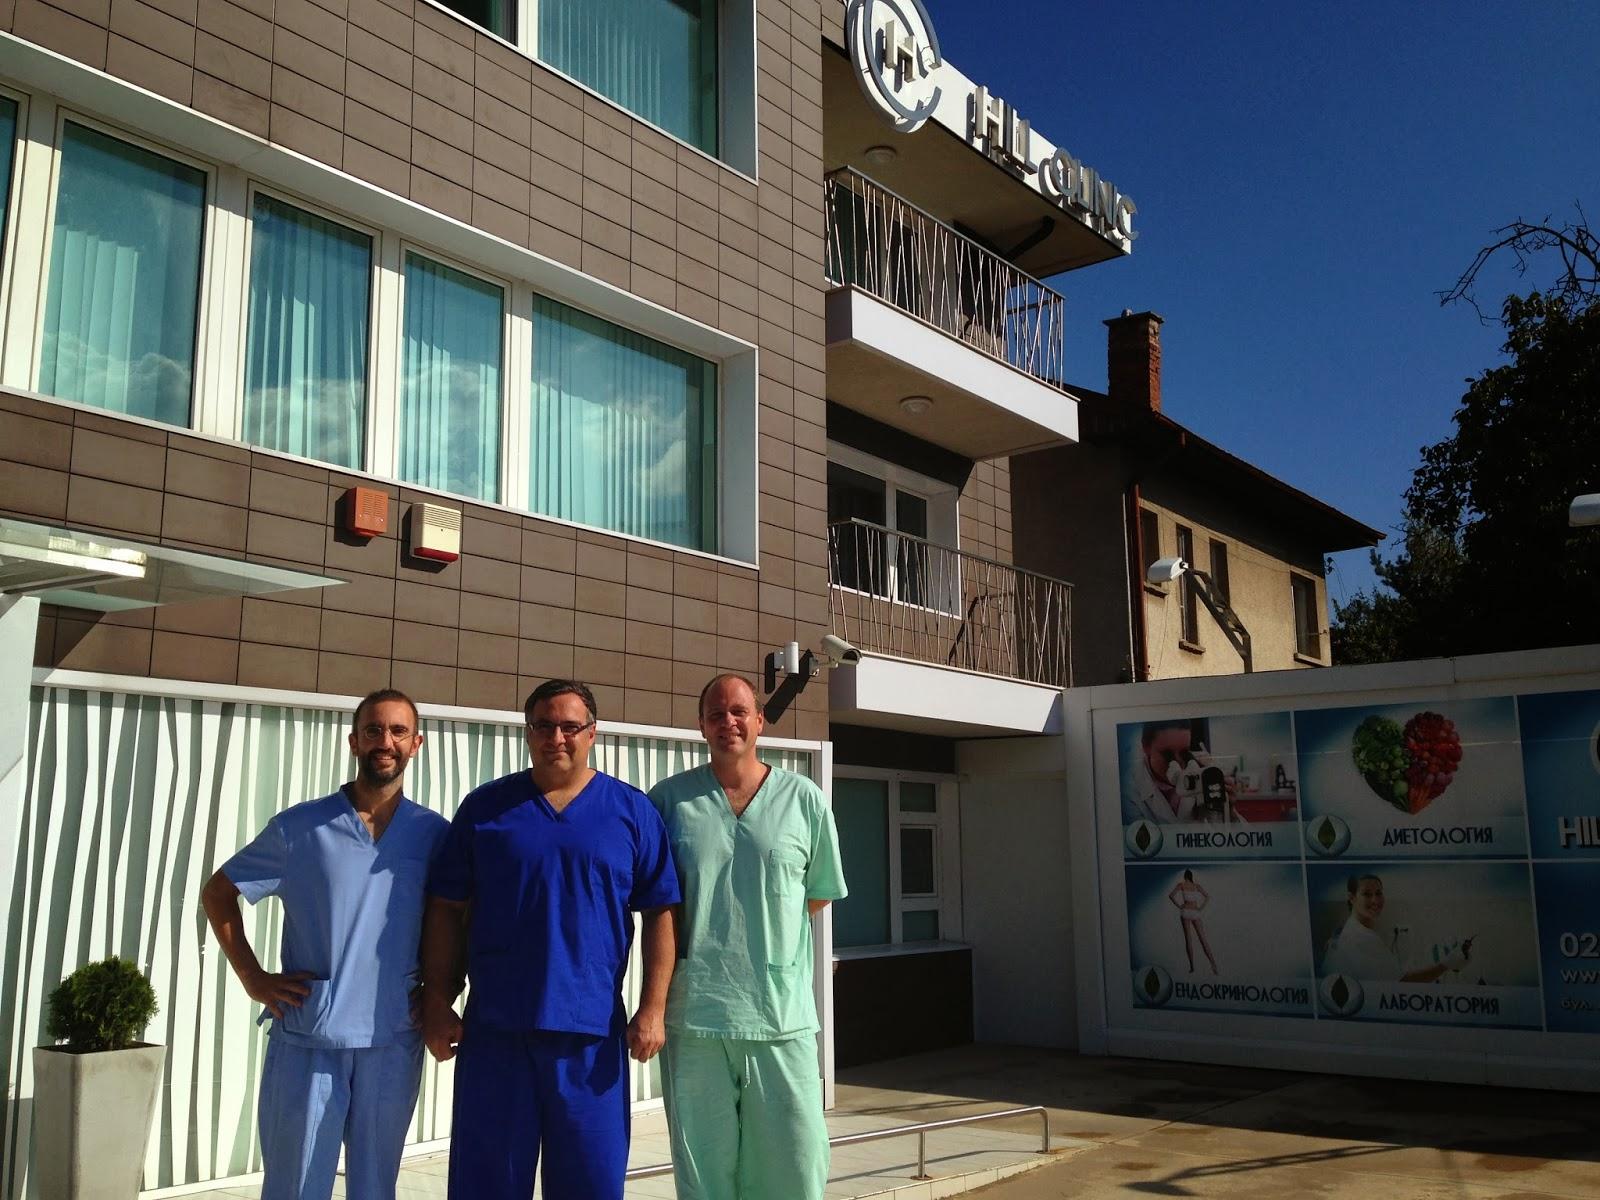 próstata láser verde en una experiencia de un día en modena al